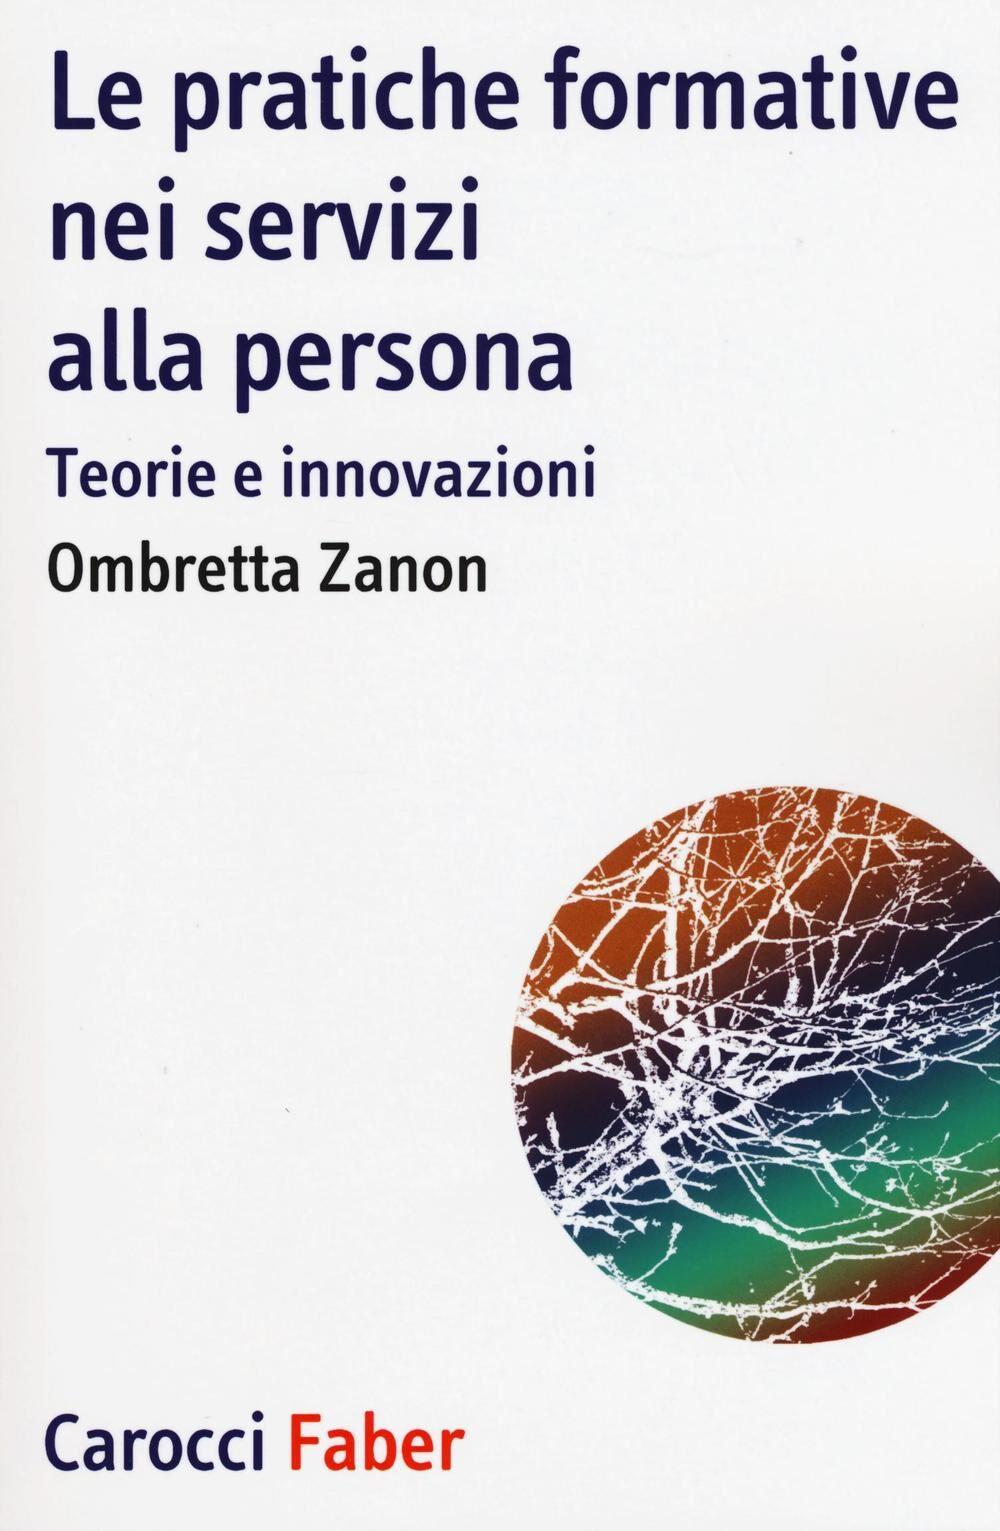 Le pratiche formative nei servizi alla persona. Teorie e innovazioni